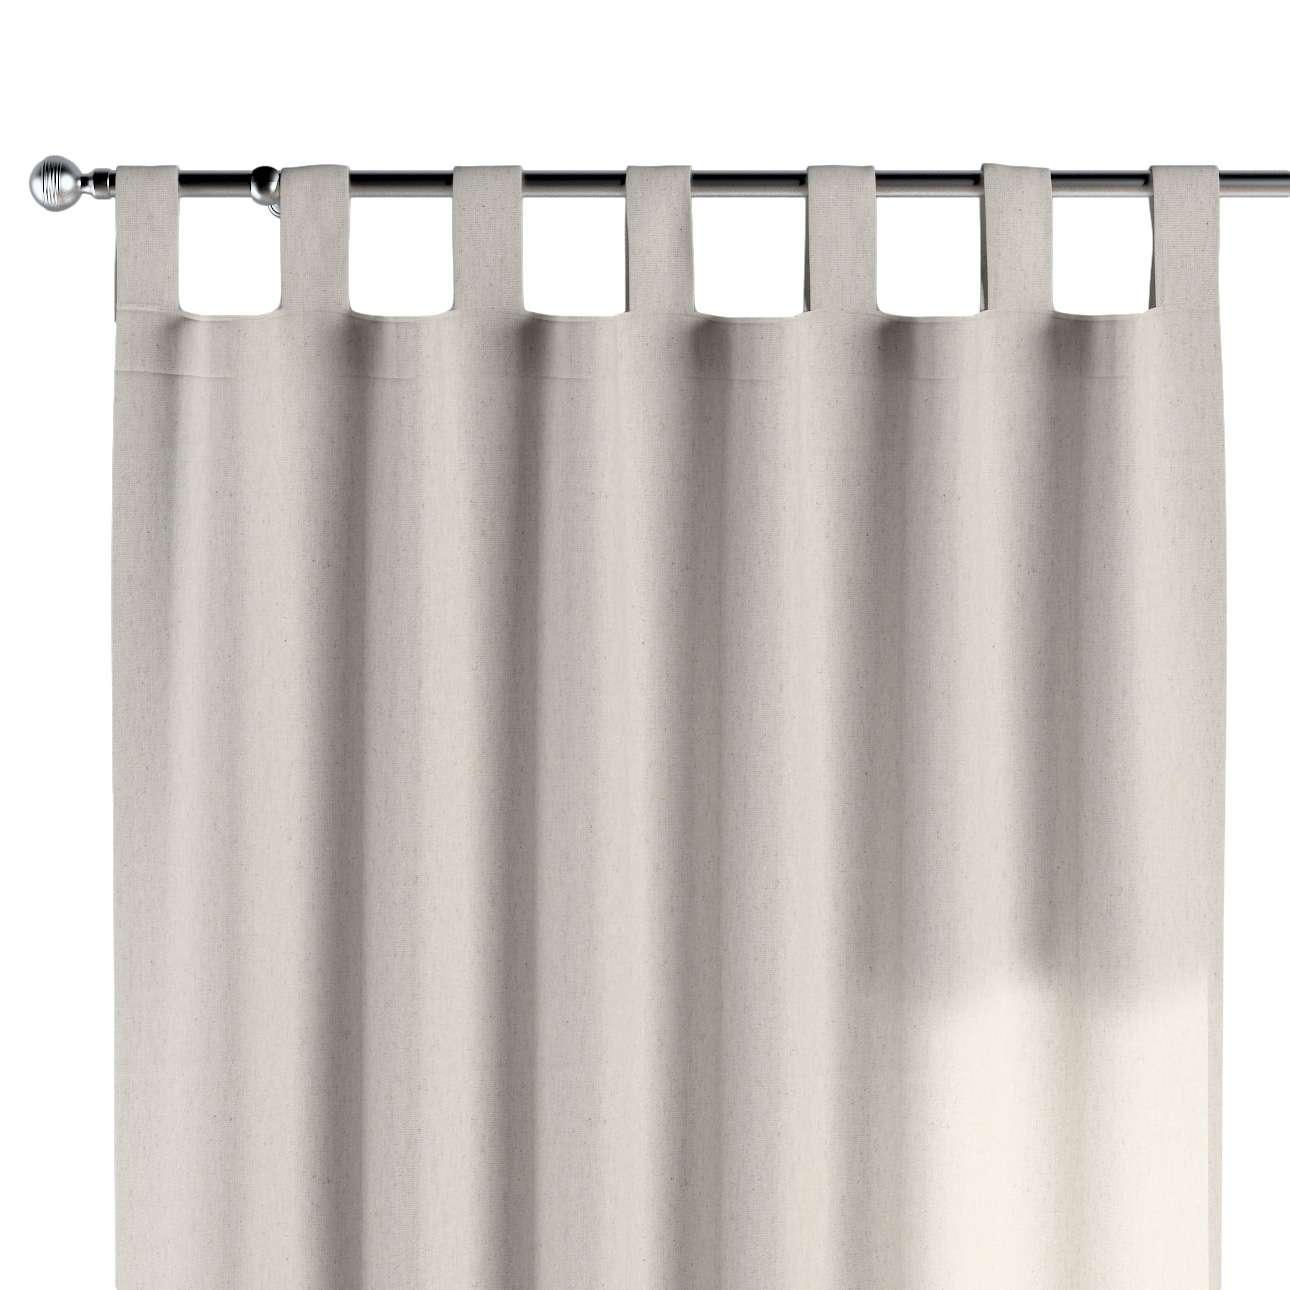 Zasłona na szelkach 1 szt. 1szt 130x260 cm w kolekcji Loneta, tkanina: 133-65